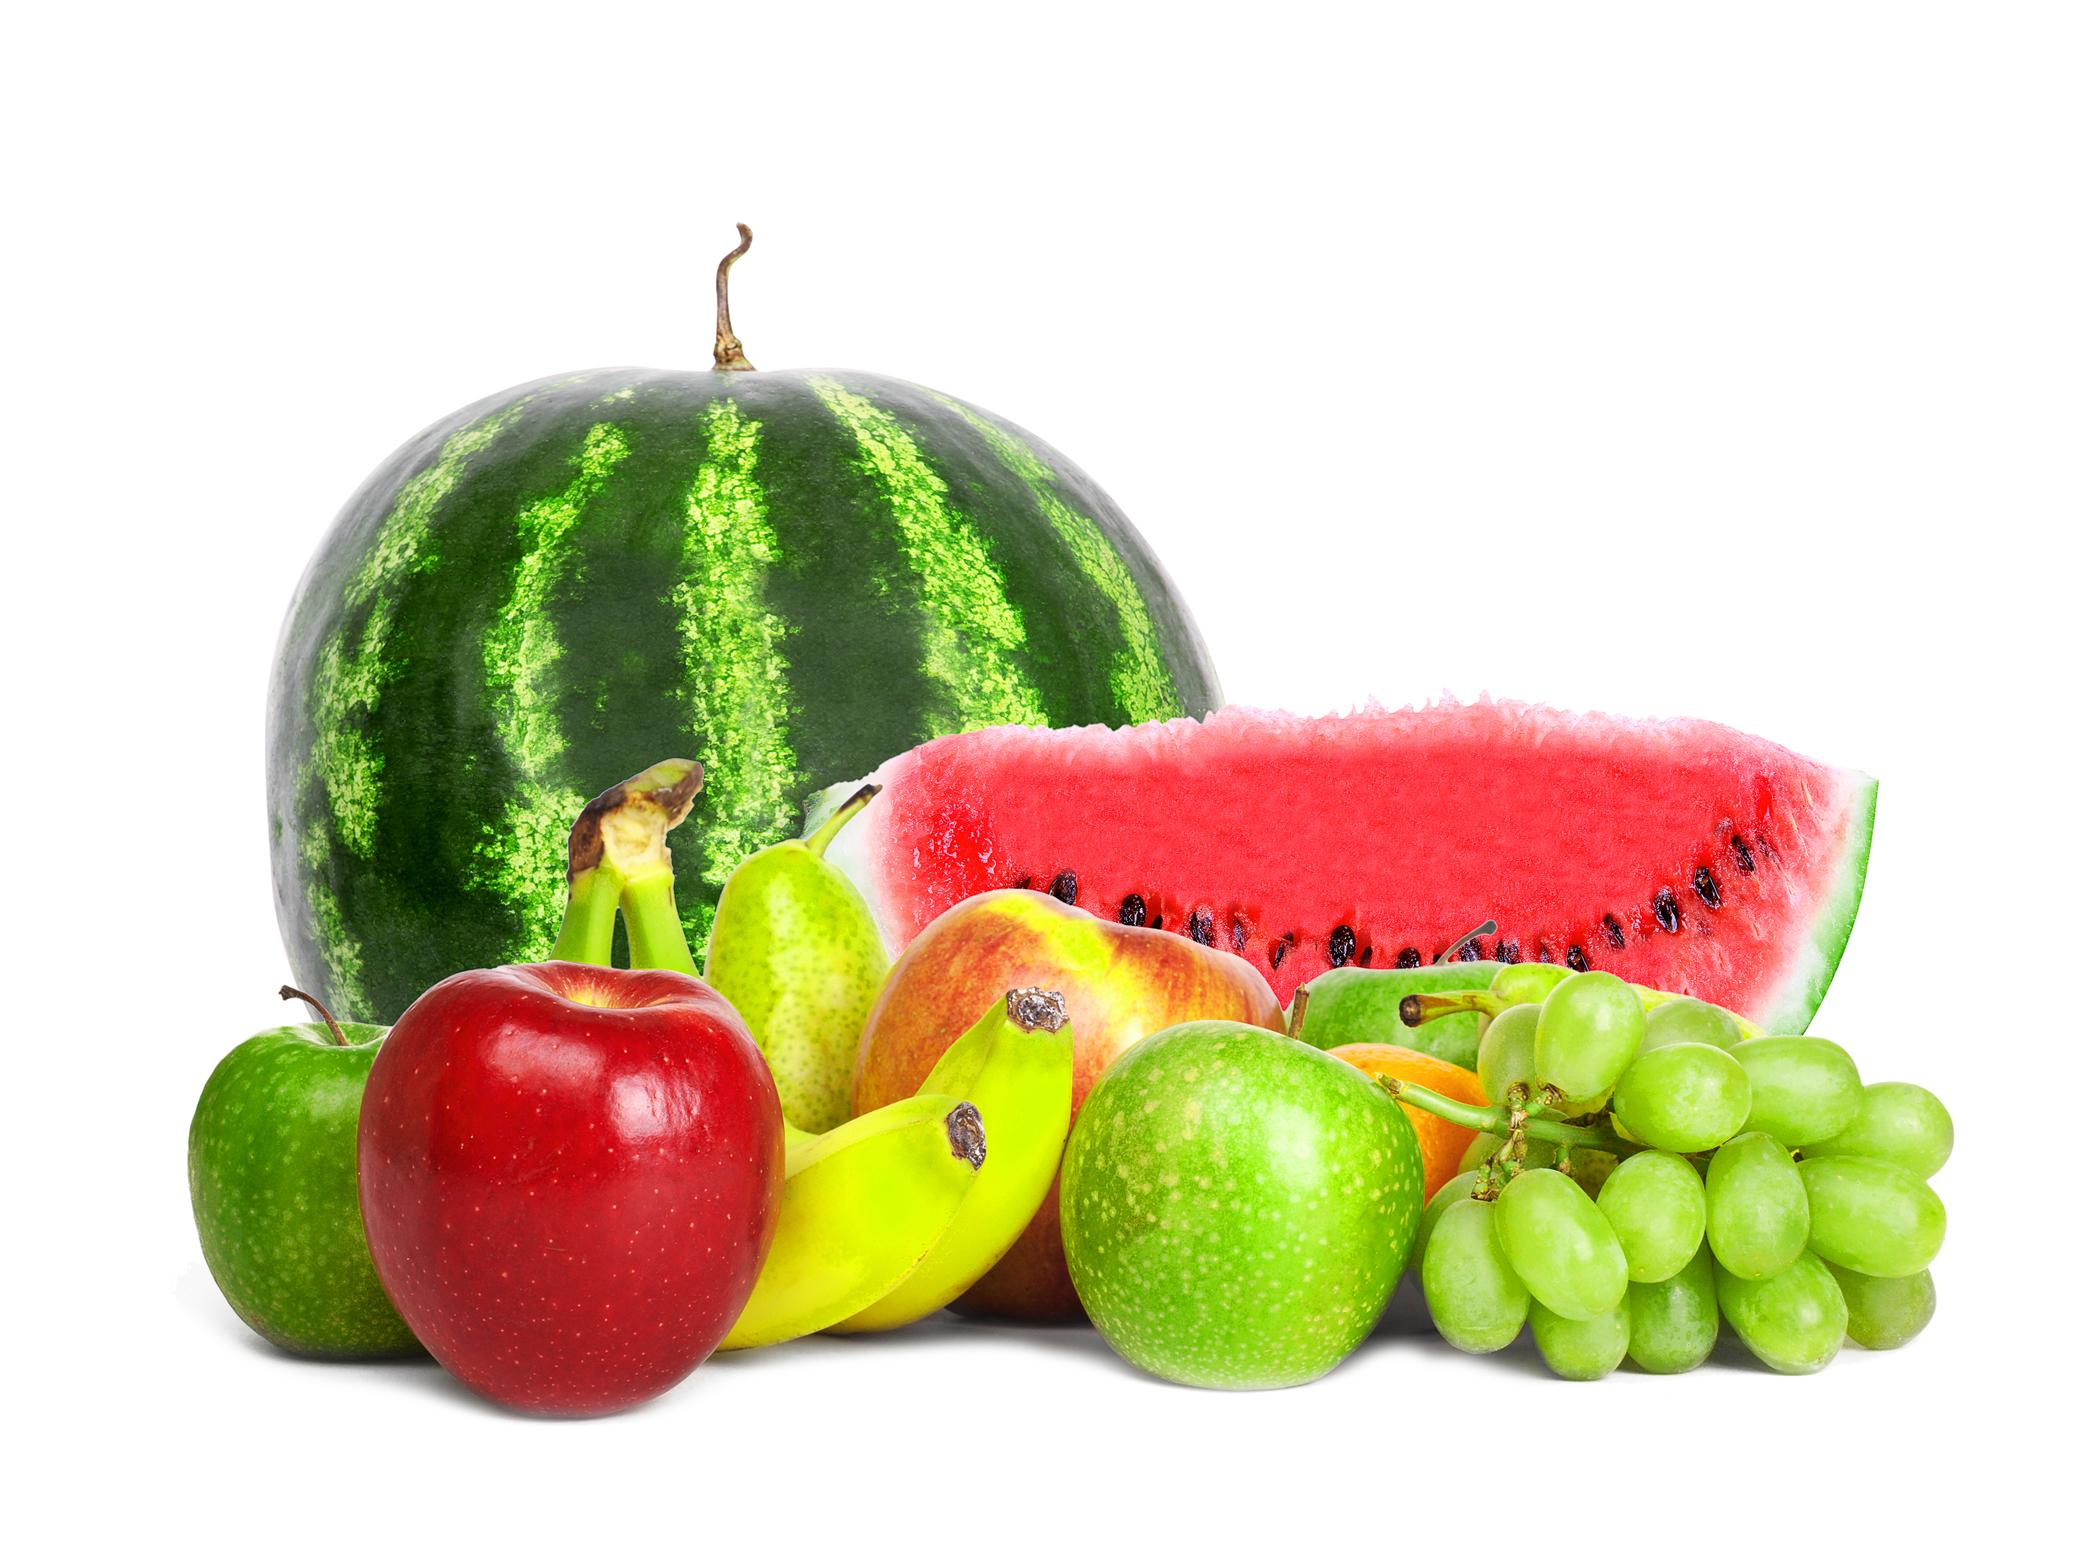 Арбуз и другие фрукты, фото, обои для рабочего стола, яблоки